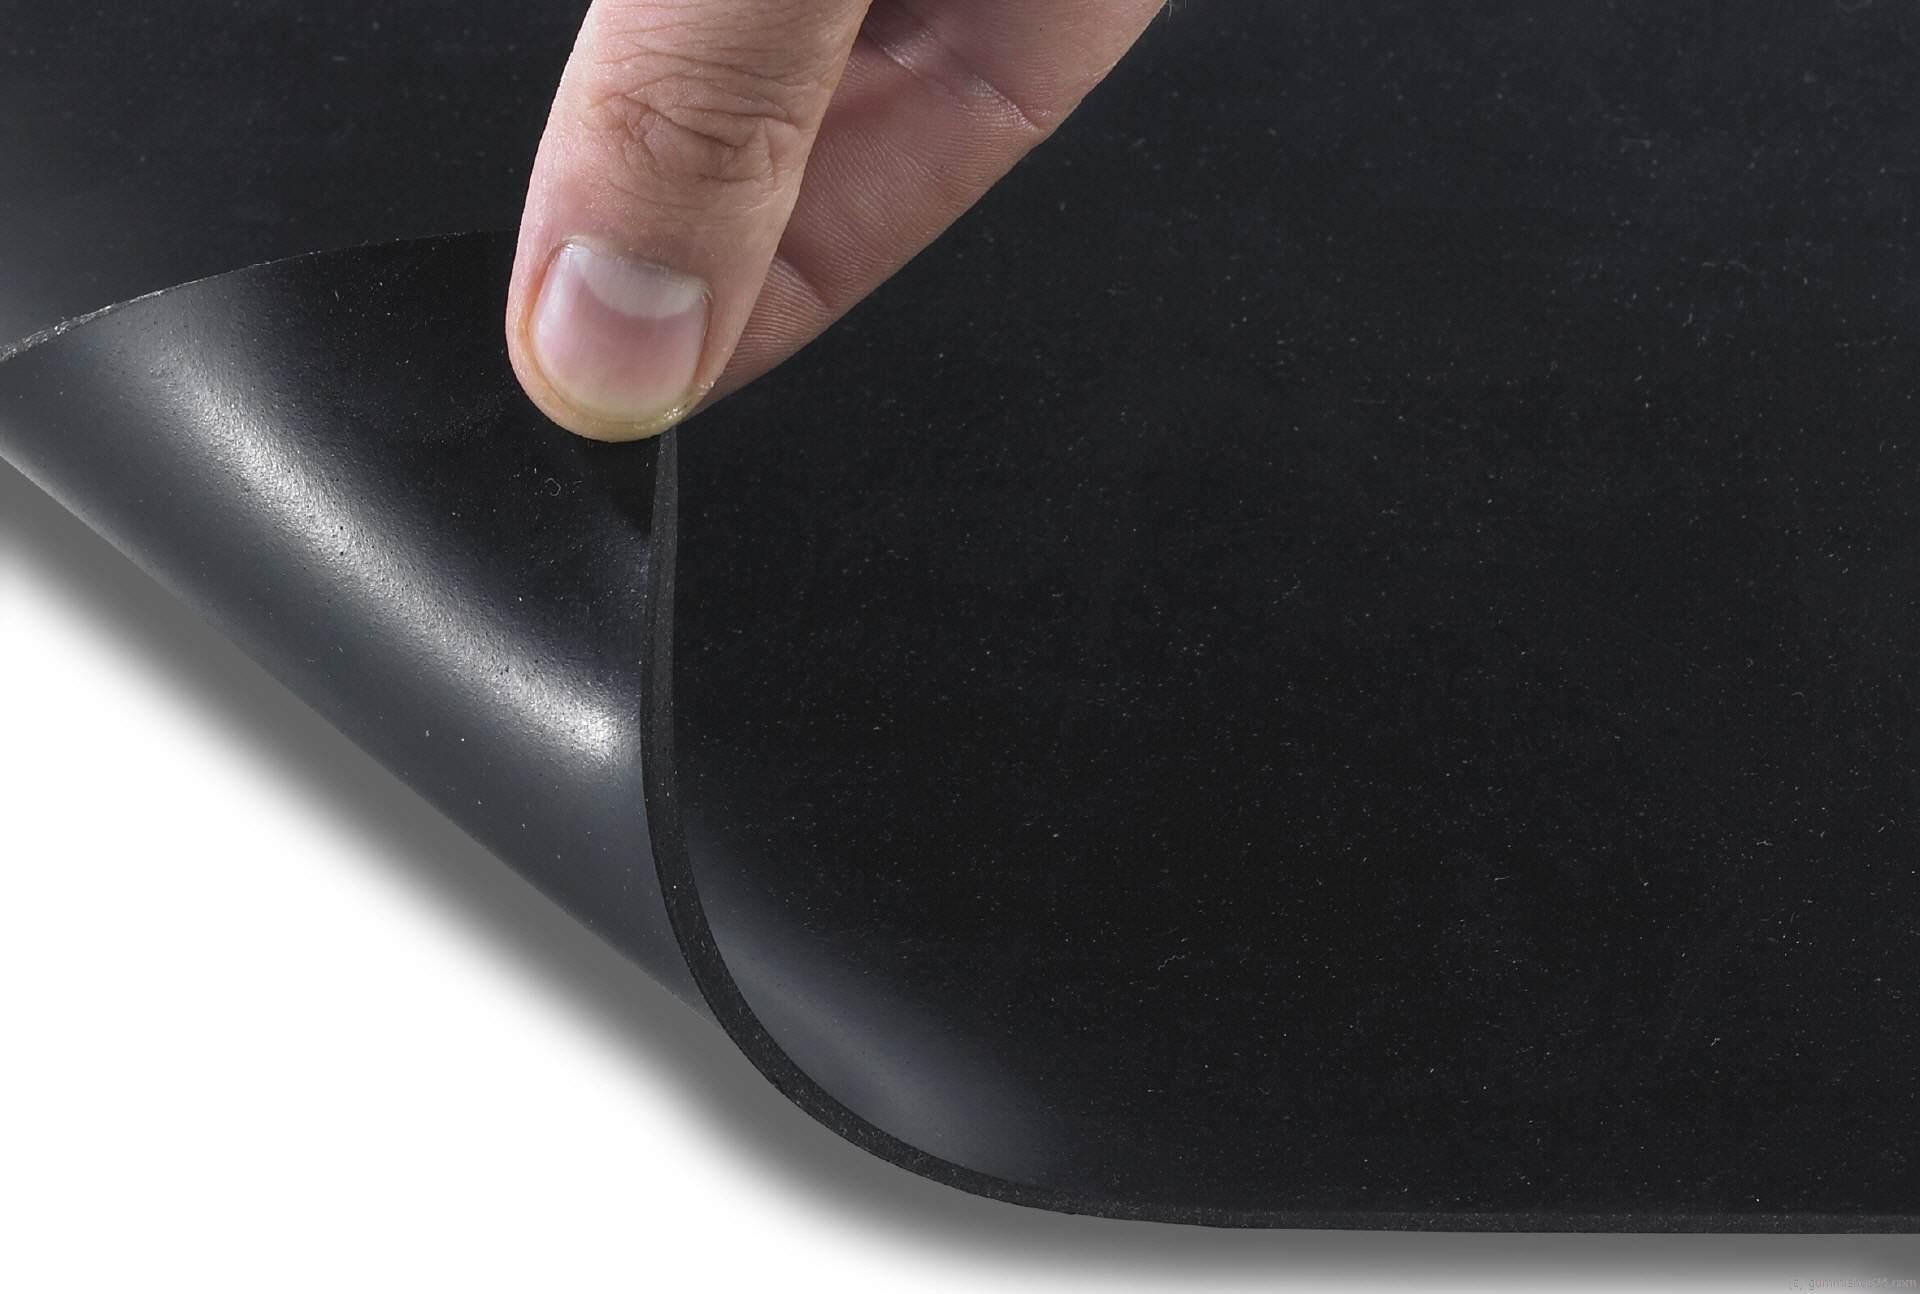 Meterware St/ärke 1 mm zahlreiche Verwendungsm/öglichkeiten 120x200 cm Gummiplatten NR//SBR Gummimatten in 9 St/ärken